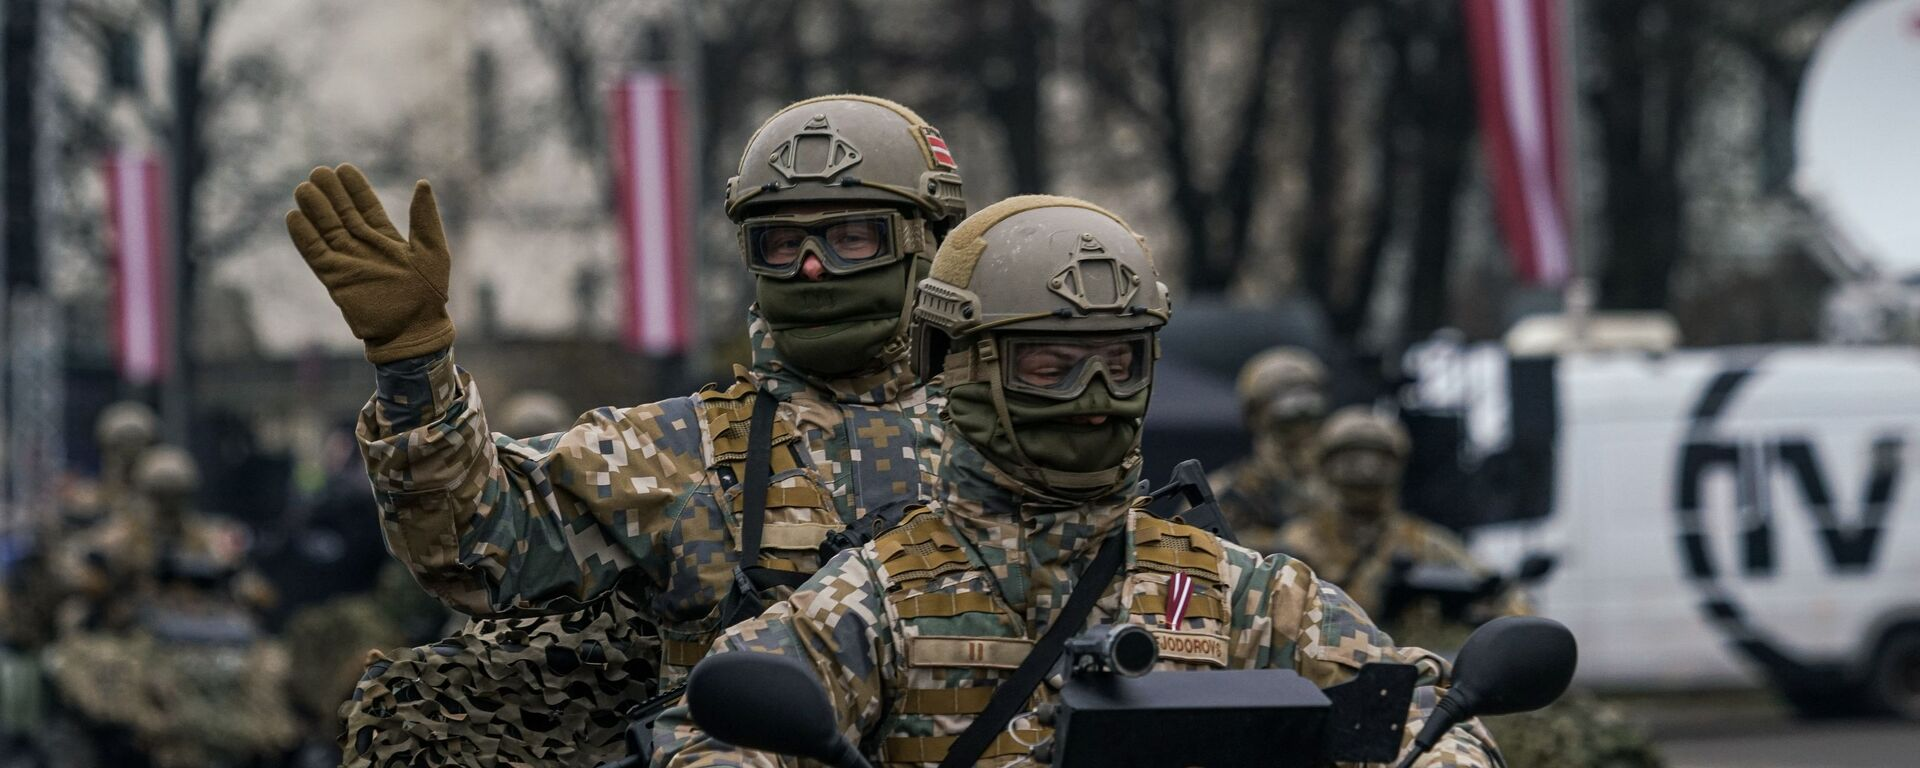 Латвийские военнослужащие на багги на параде в Риге в День независимости Латвии - Sputnik Latvija, 1920, 05.02.2021